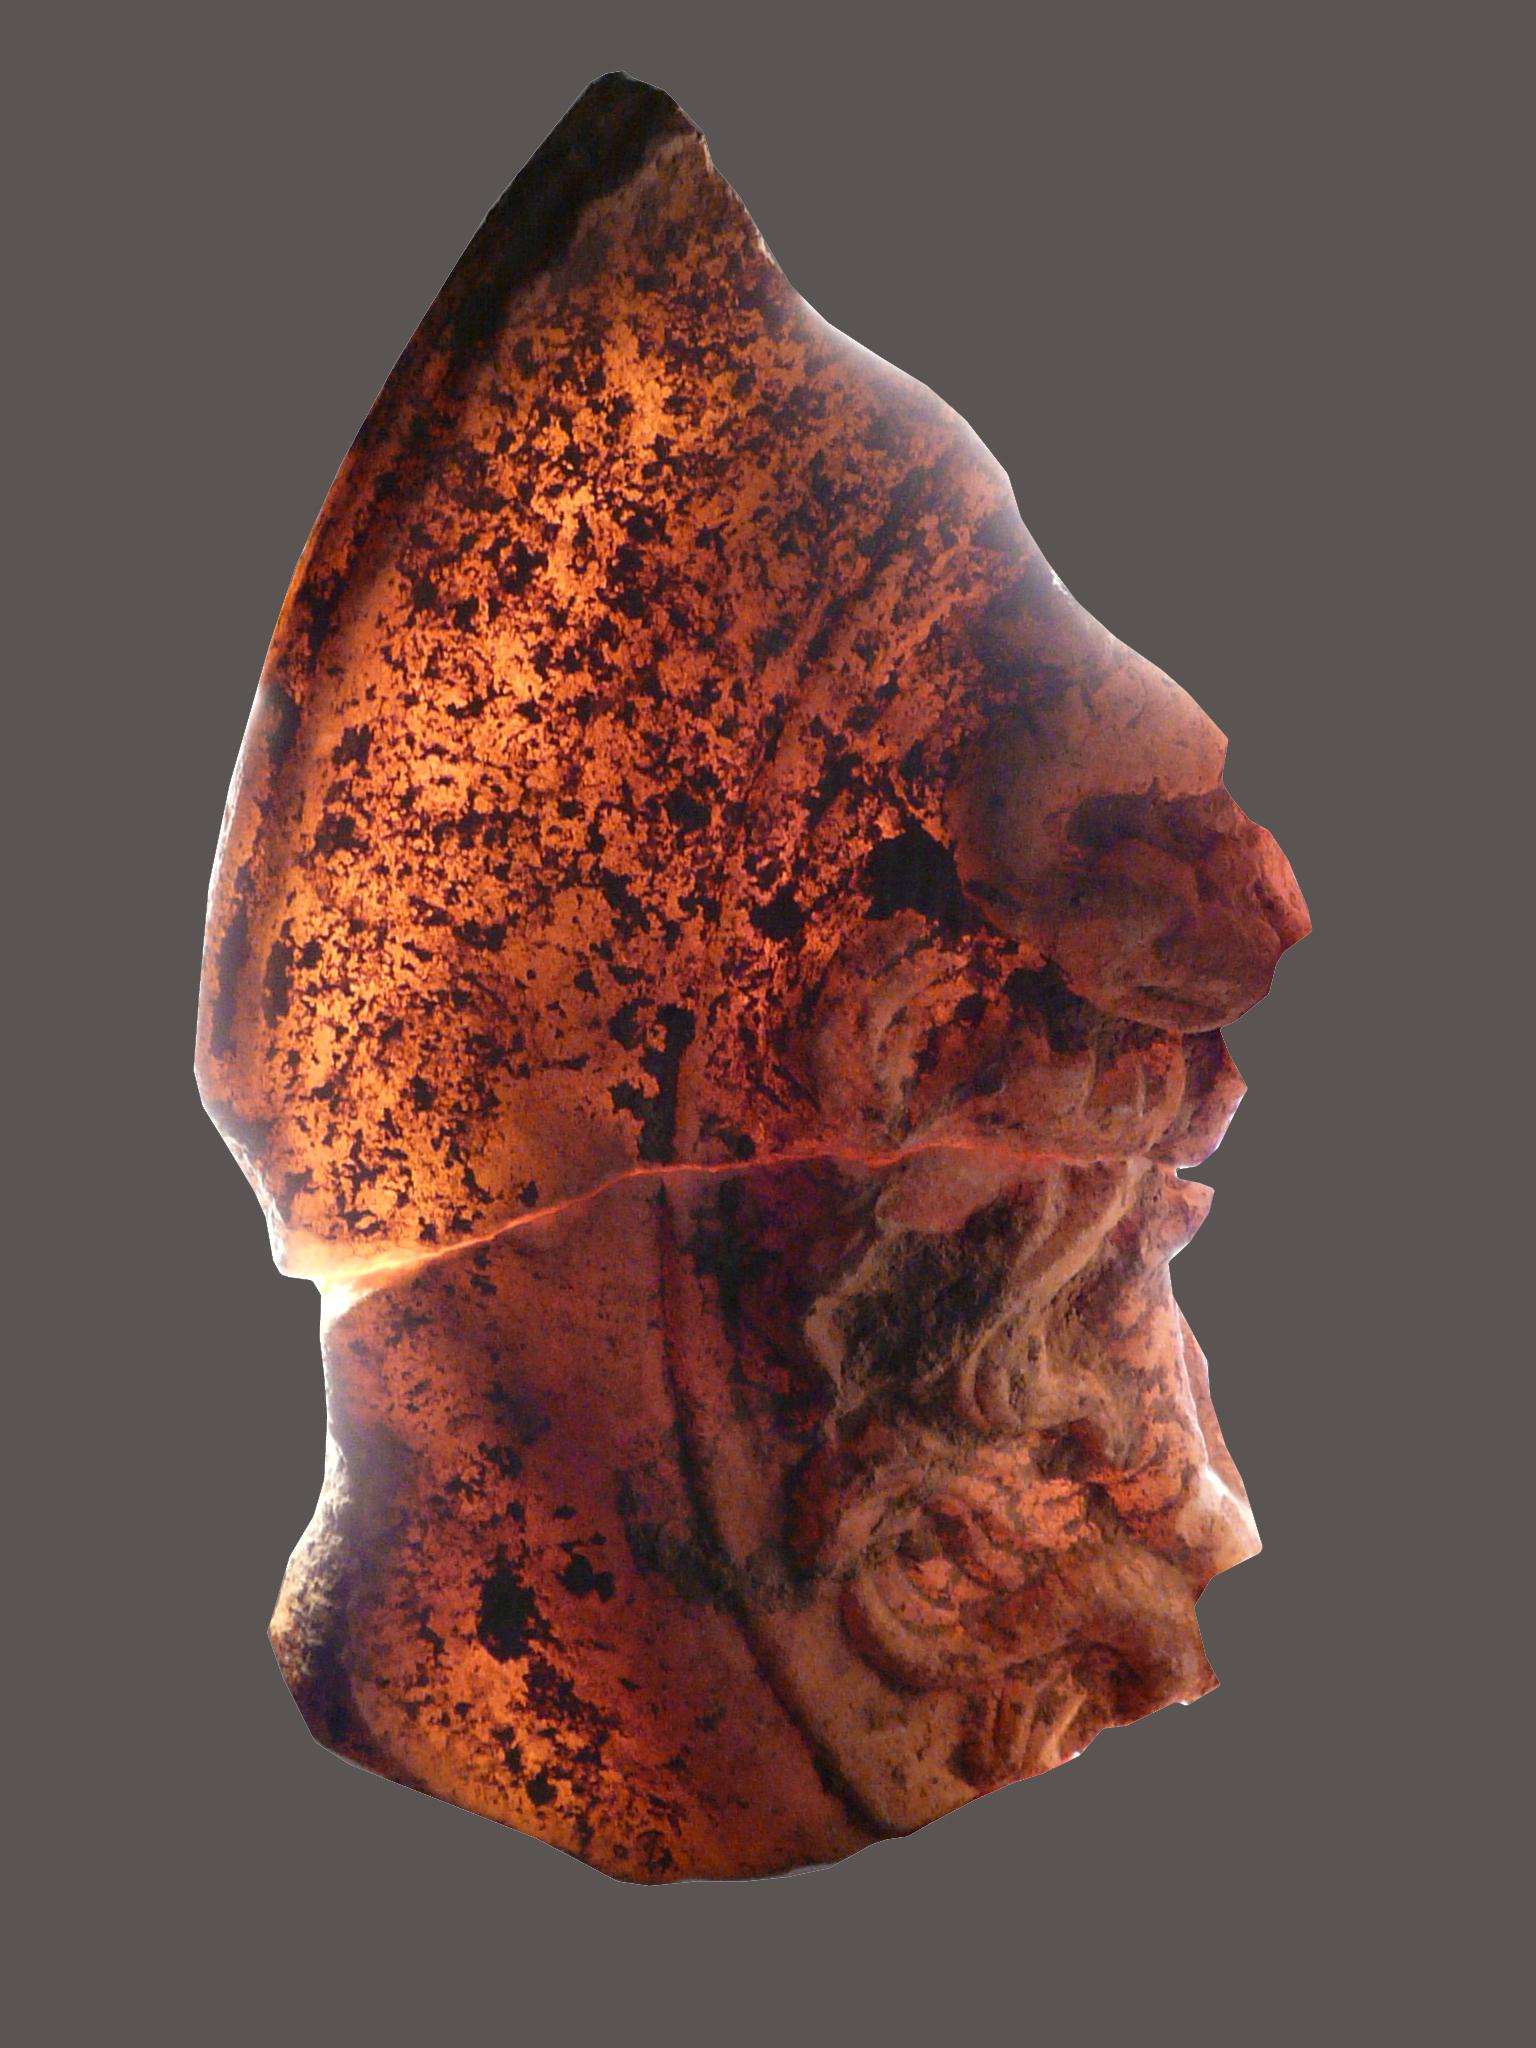 Detall del cap de medusa, amb l'efecte de llum